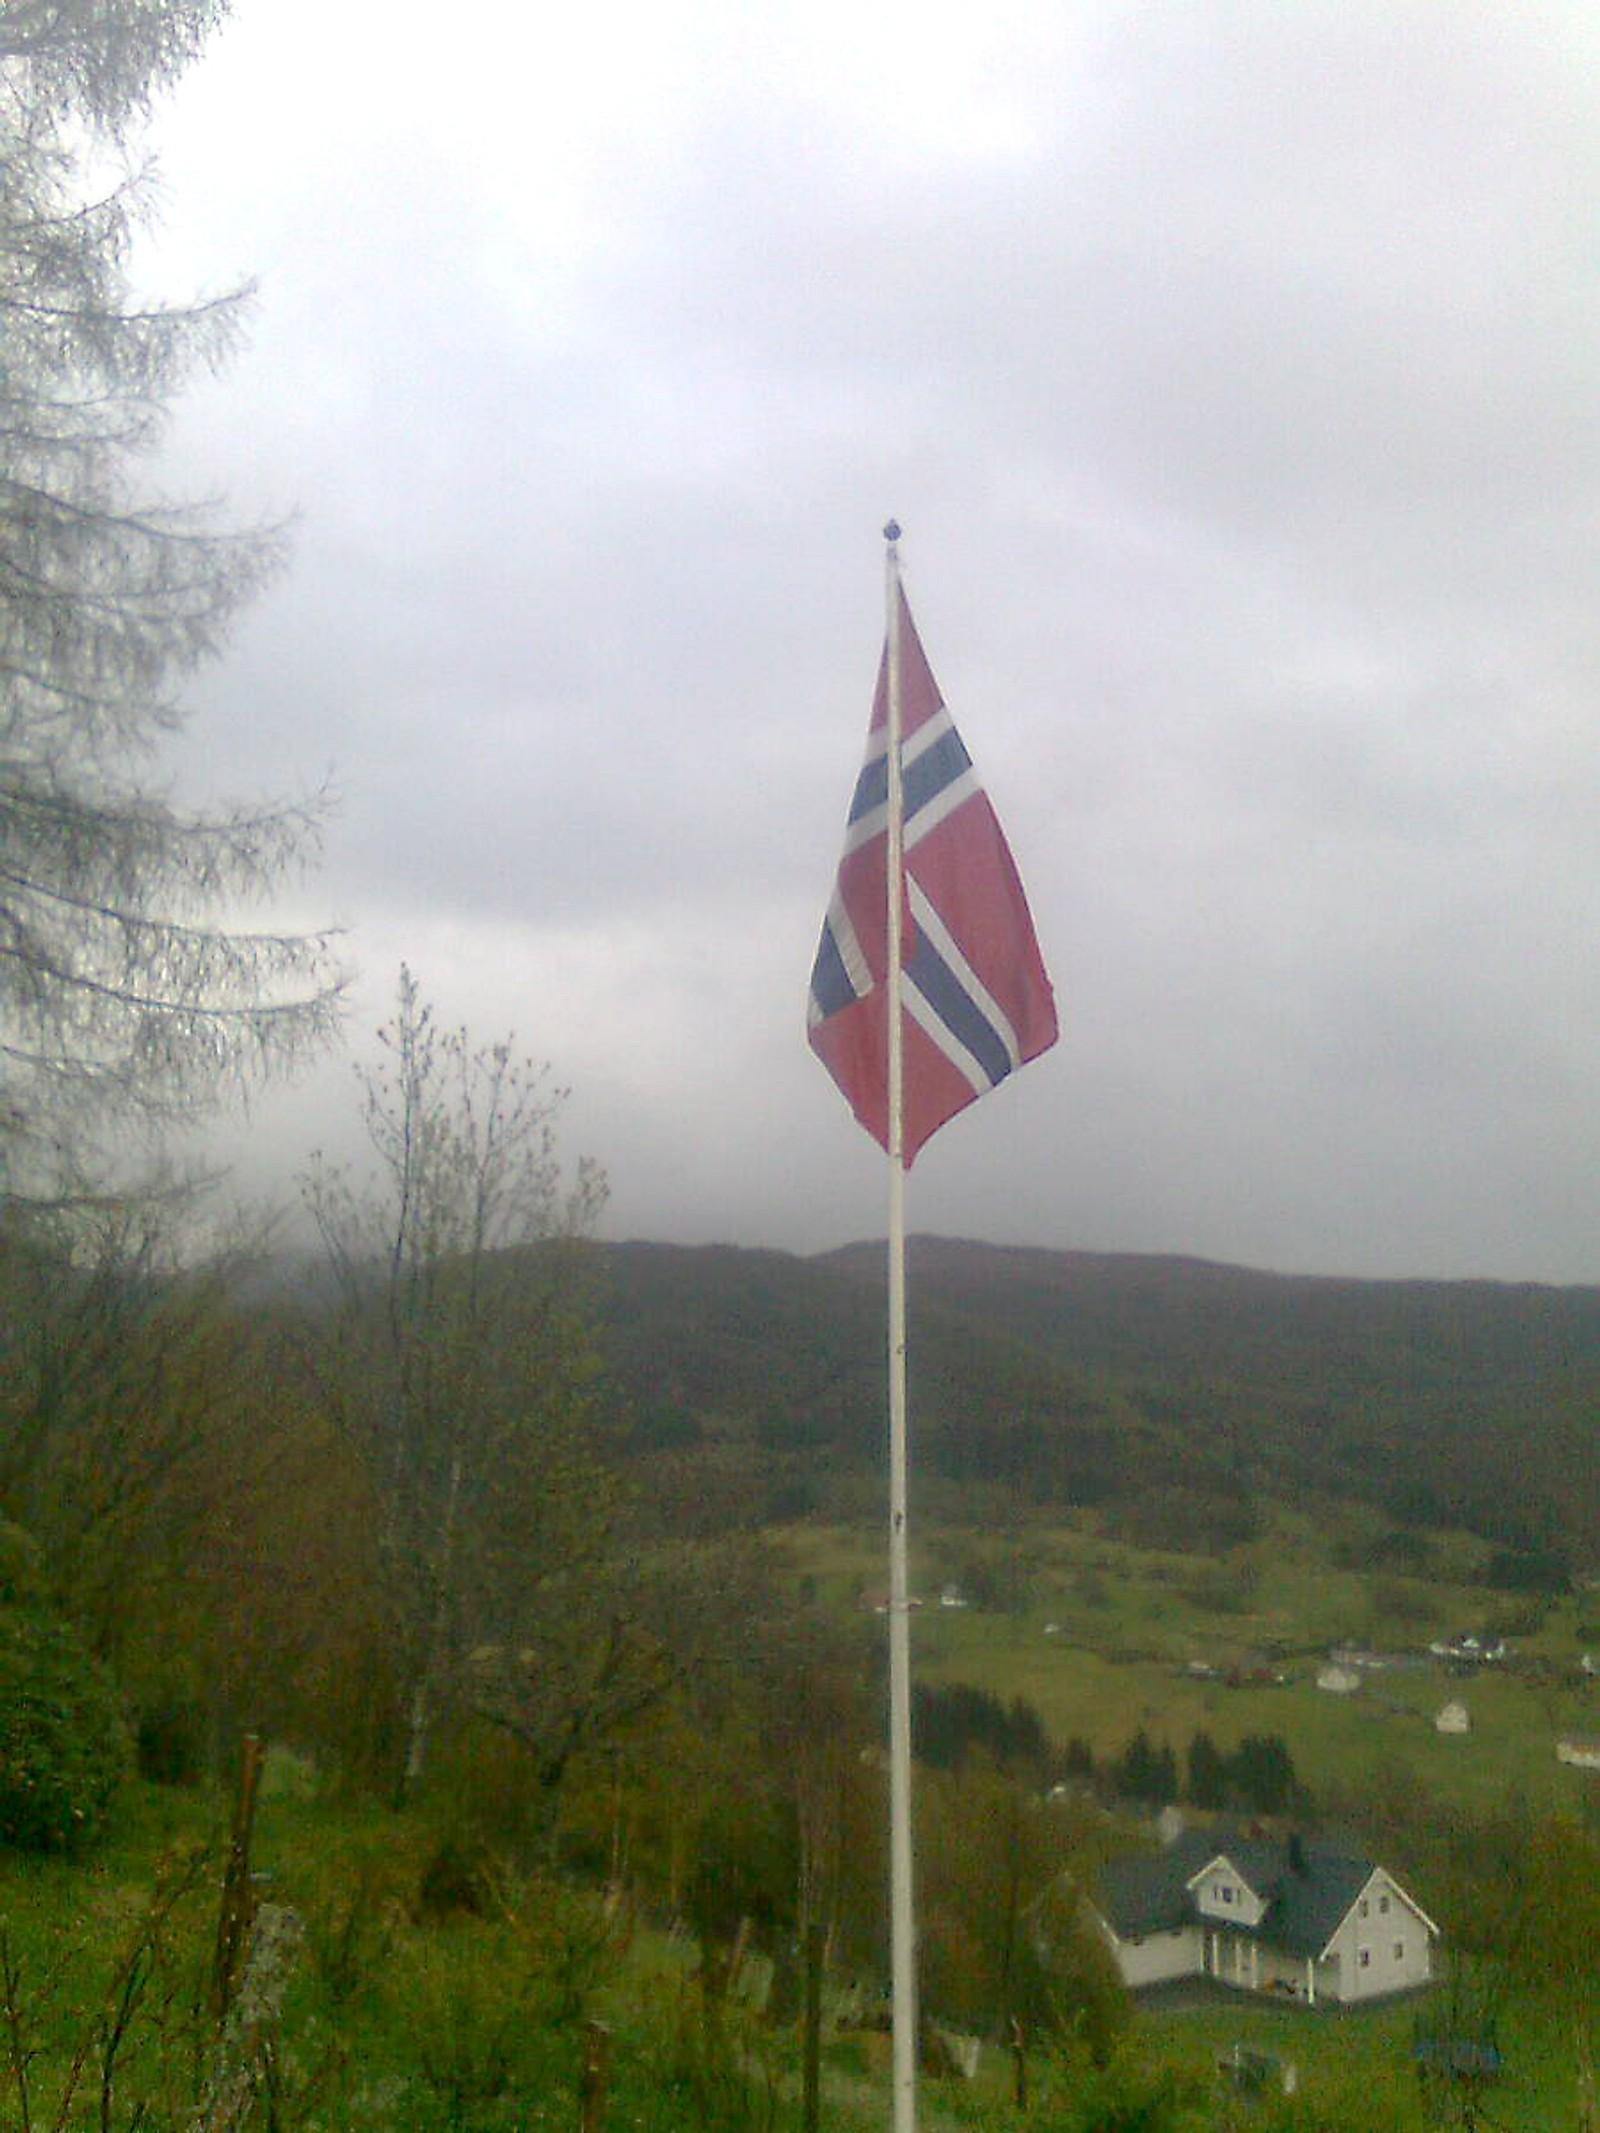 Flagget kom opp kl. 08, skriv innsendaren.